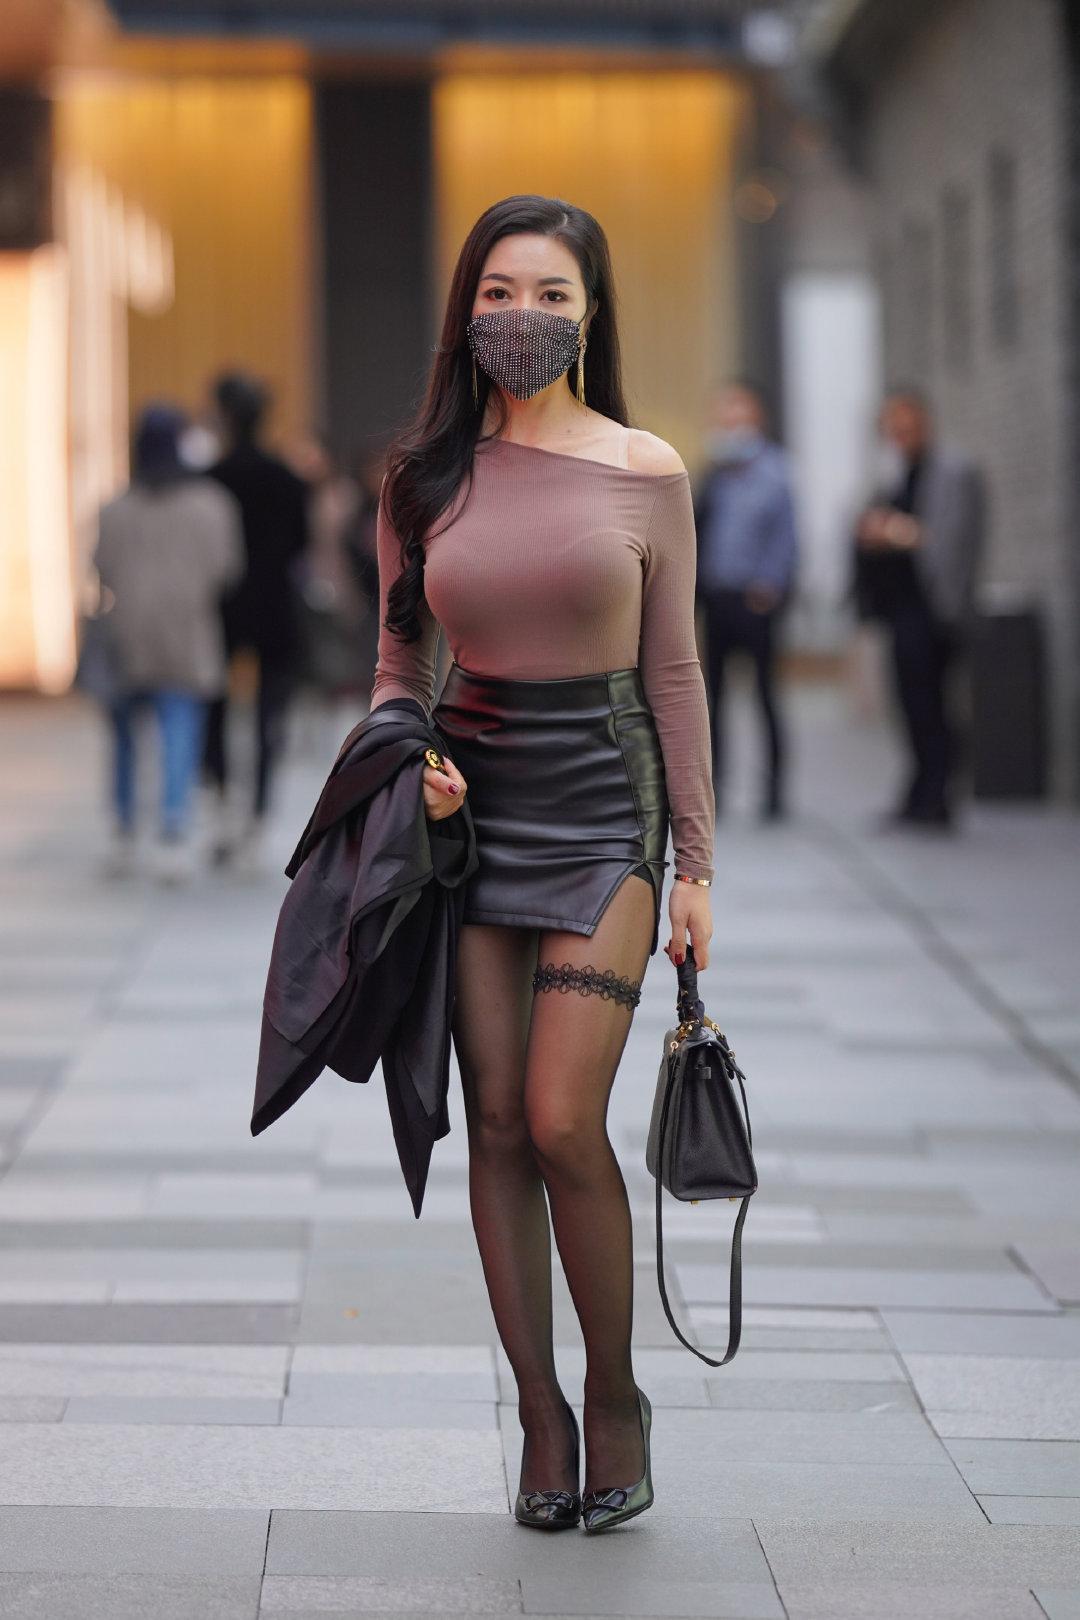 街拍香肩微露的黑丝皮裙御姐,这成熟的气质太美了